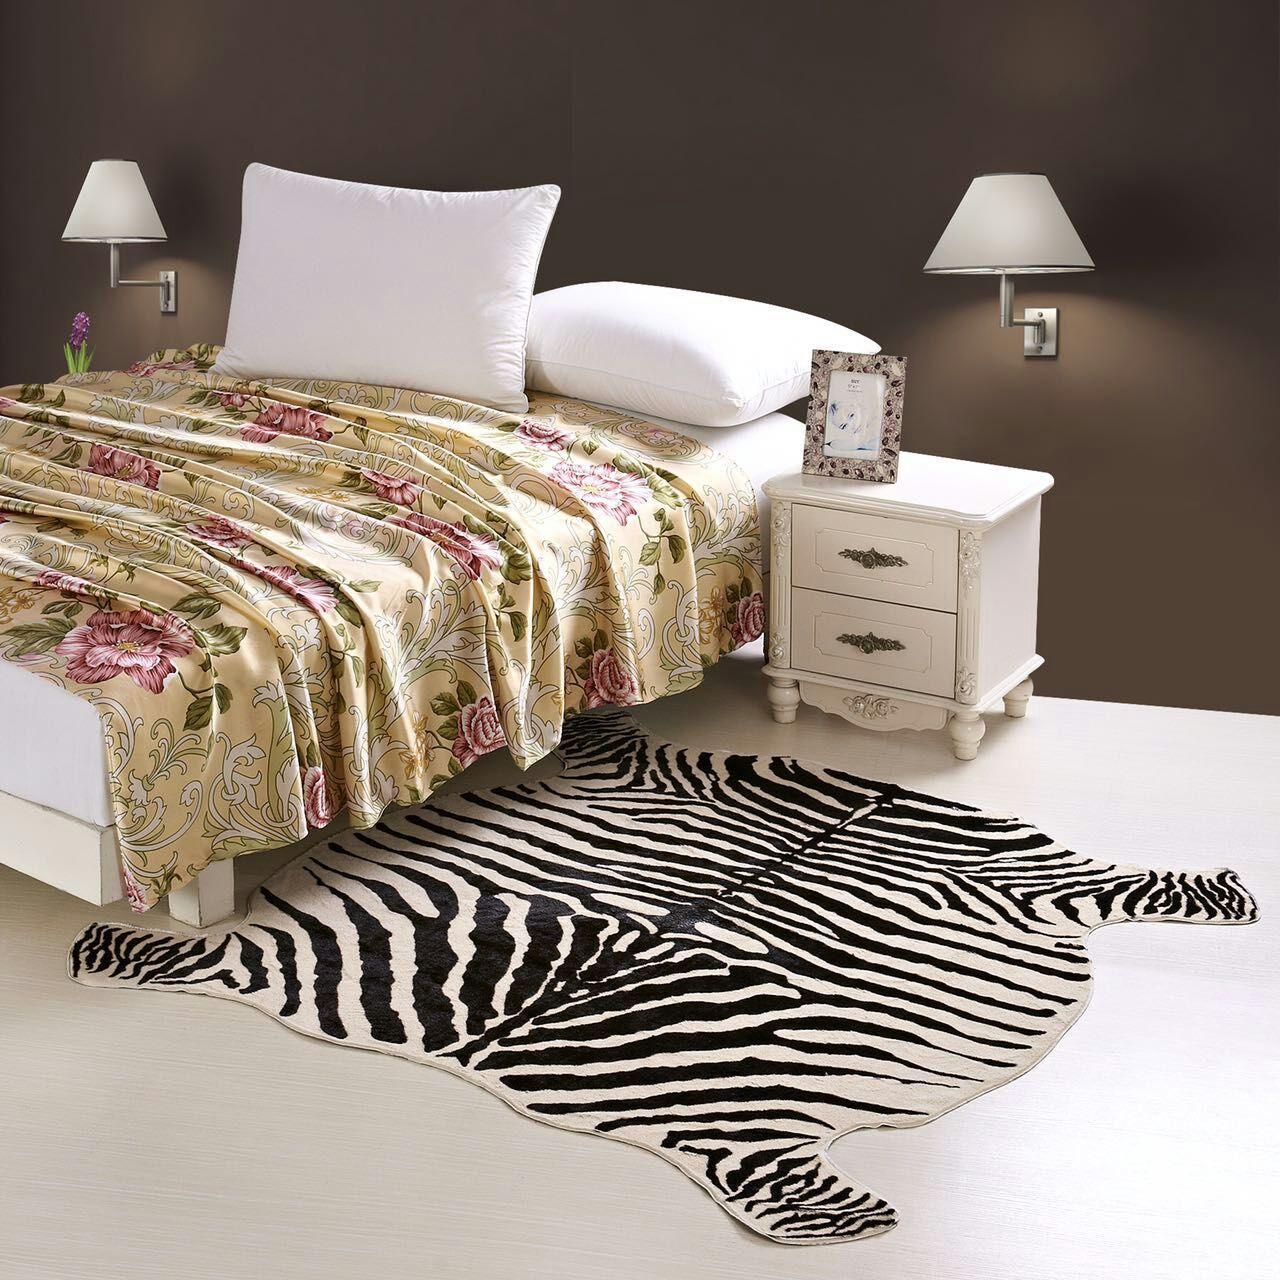 Wunderbar Kuh Teppich Galerie Von Kuh/zebra Und Cowboy Stil Tier Faux Haut